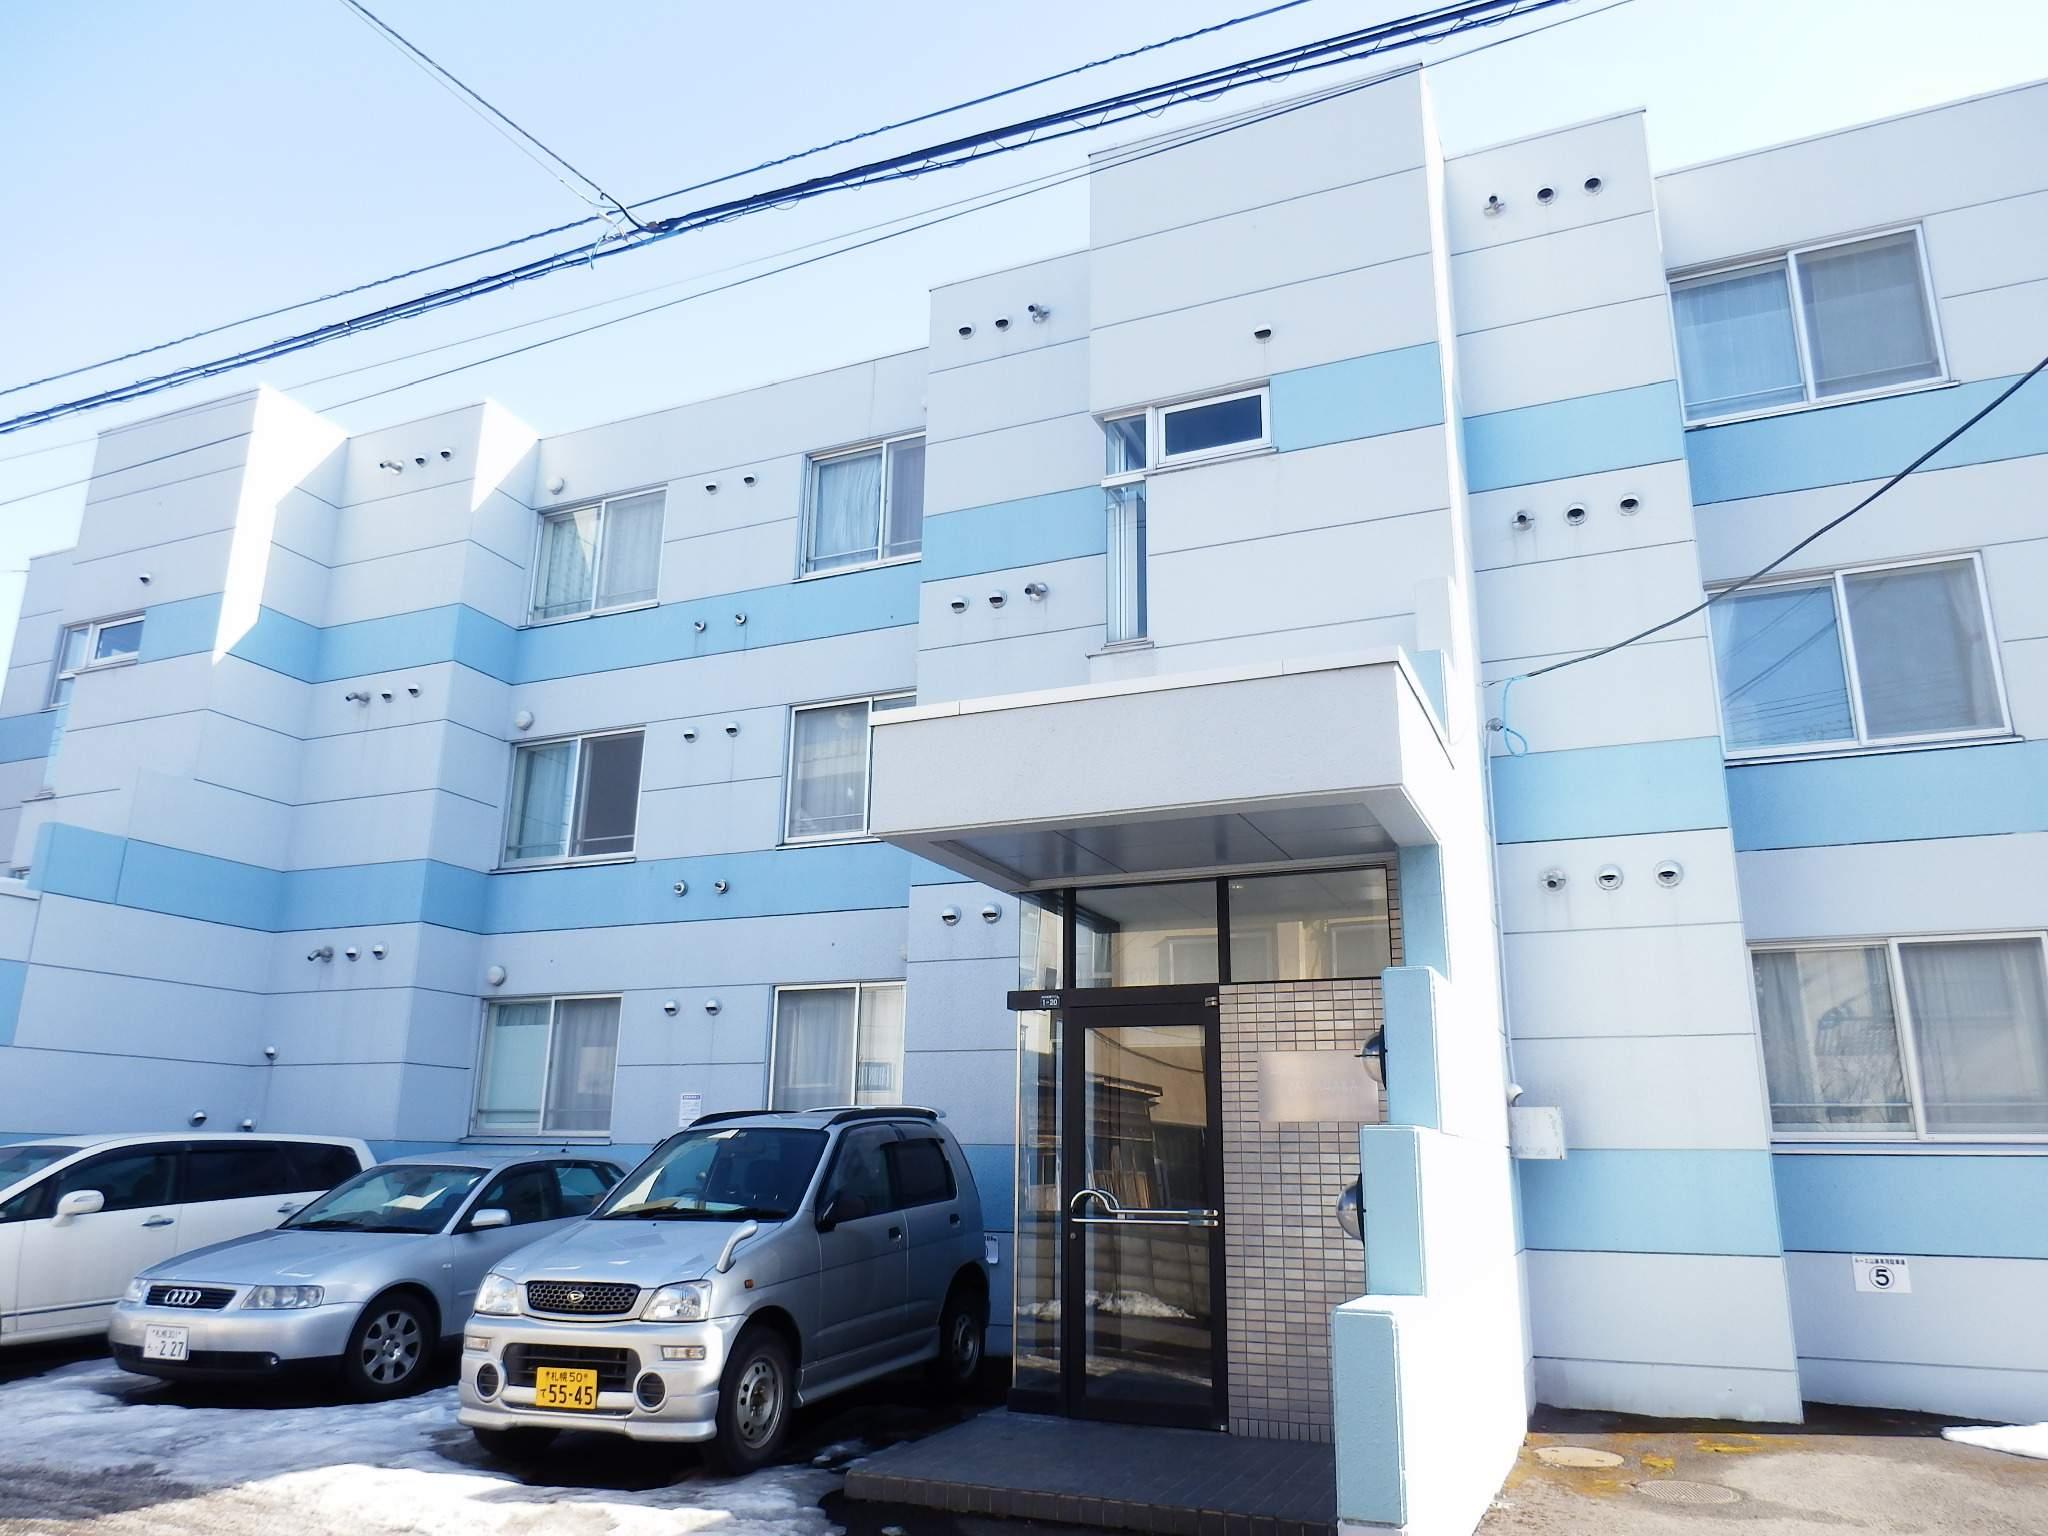 北海道札幌市中央区、中央図書館前駅徒歩7分の築28年 3階建の賃貸マンション